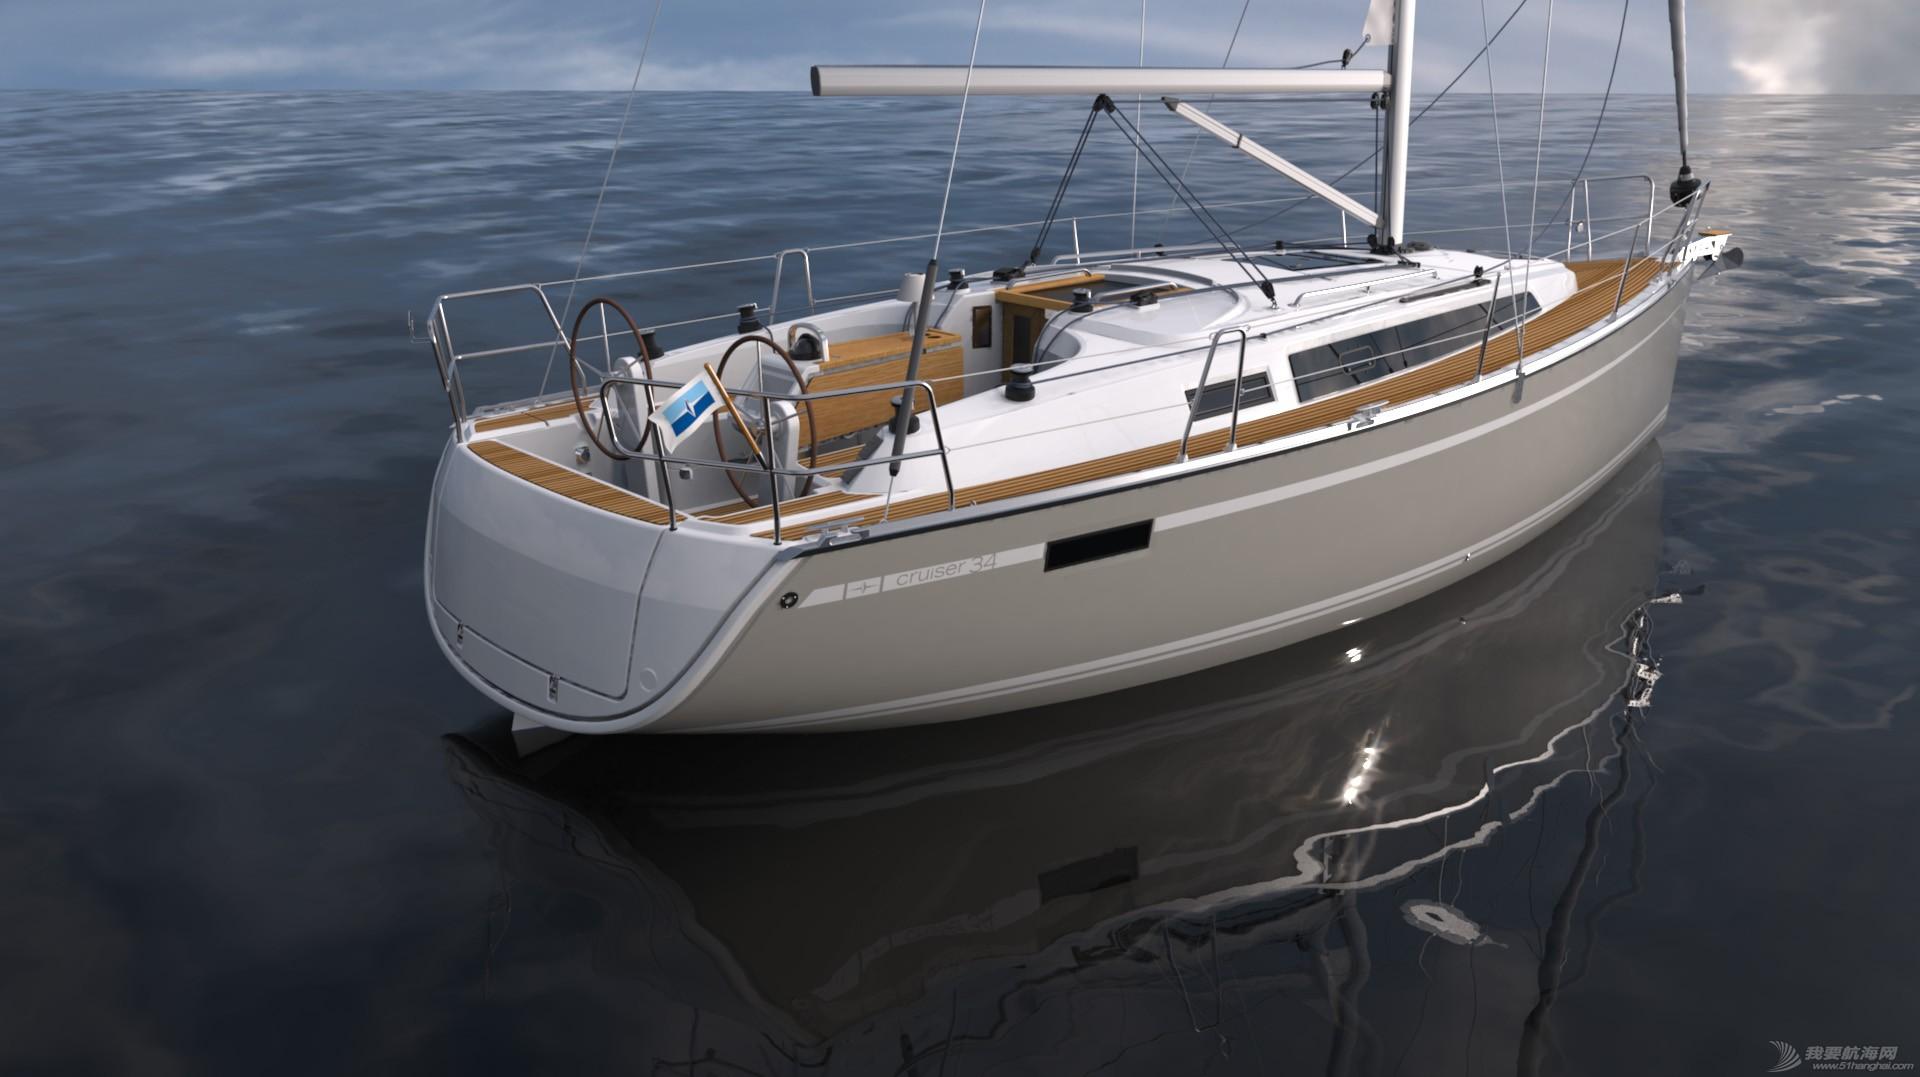 帆船 购买帆船首先了解什么?